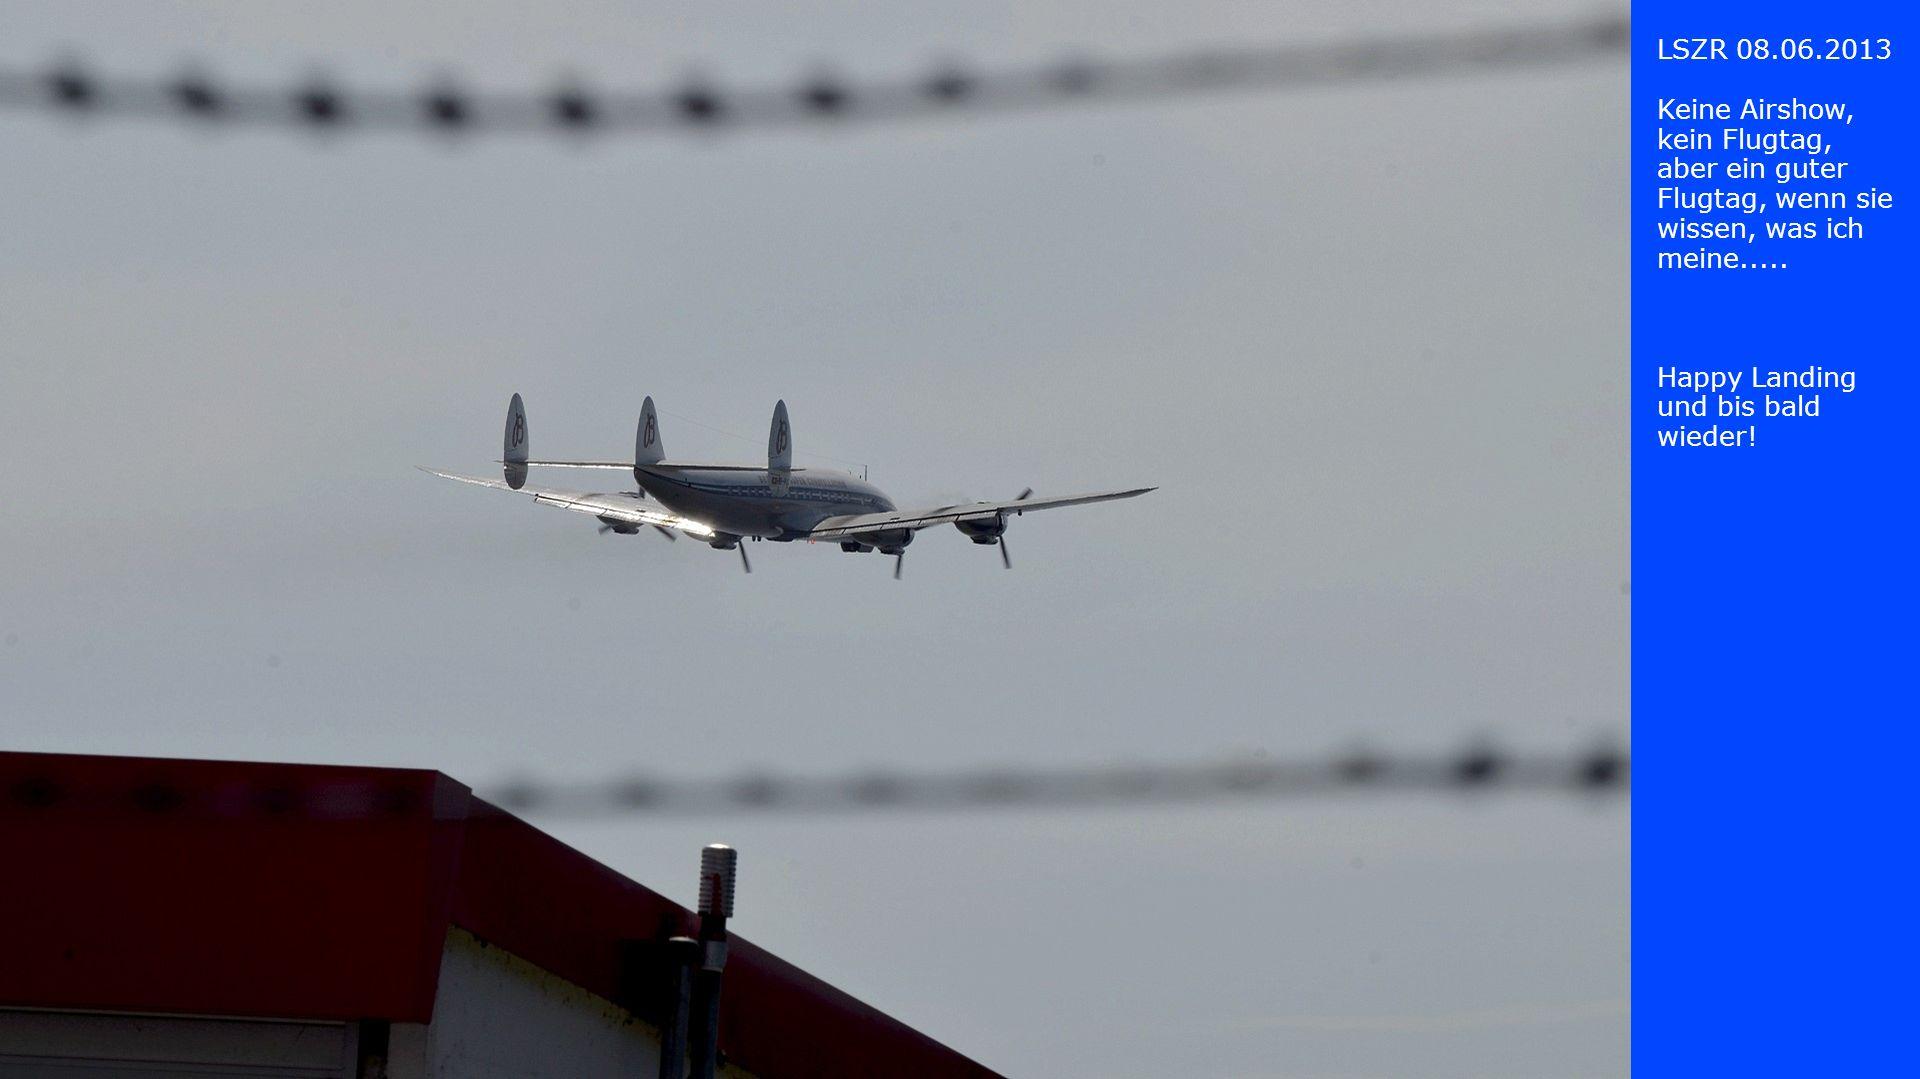 LSZR 08.06.2013 Keine Airshow, kein Flugtag, aber ein guter Flugtag, wenn sie wissen, was ich meine.....